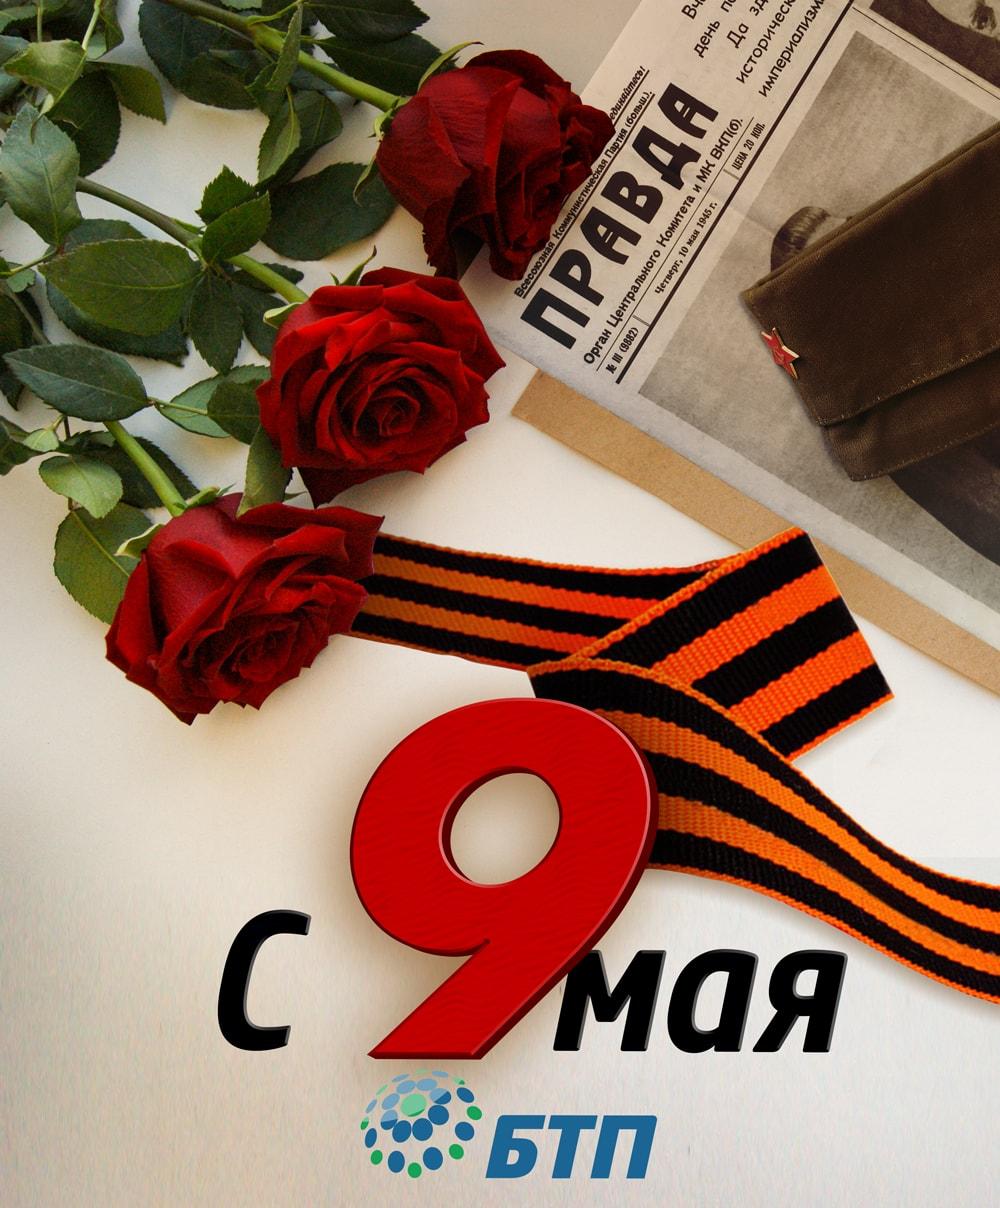 """Группа компаний """"БТП"""" поздравляет с 9 мая - Днем победы!"""